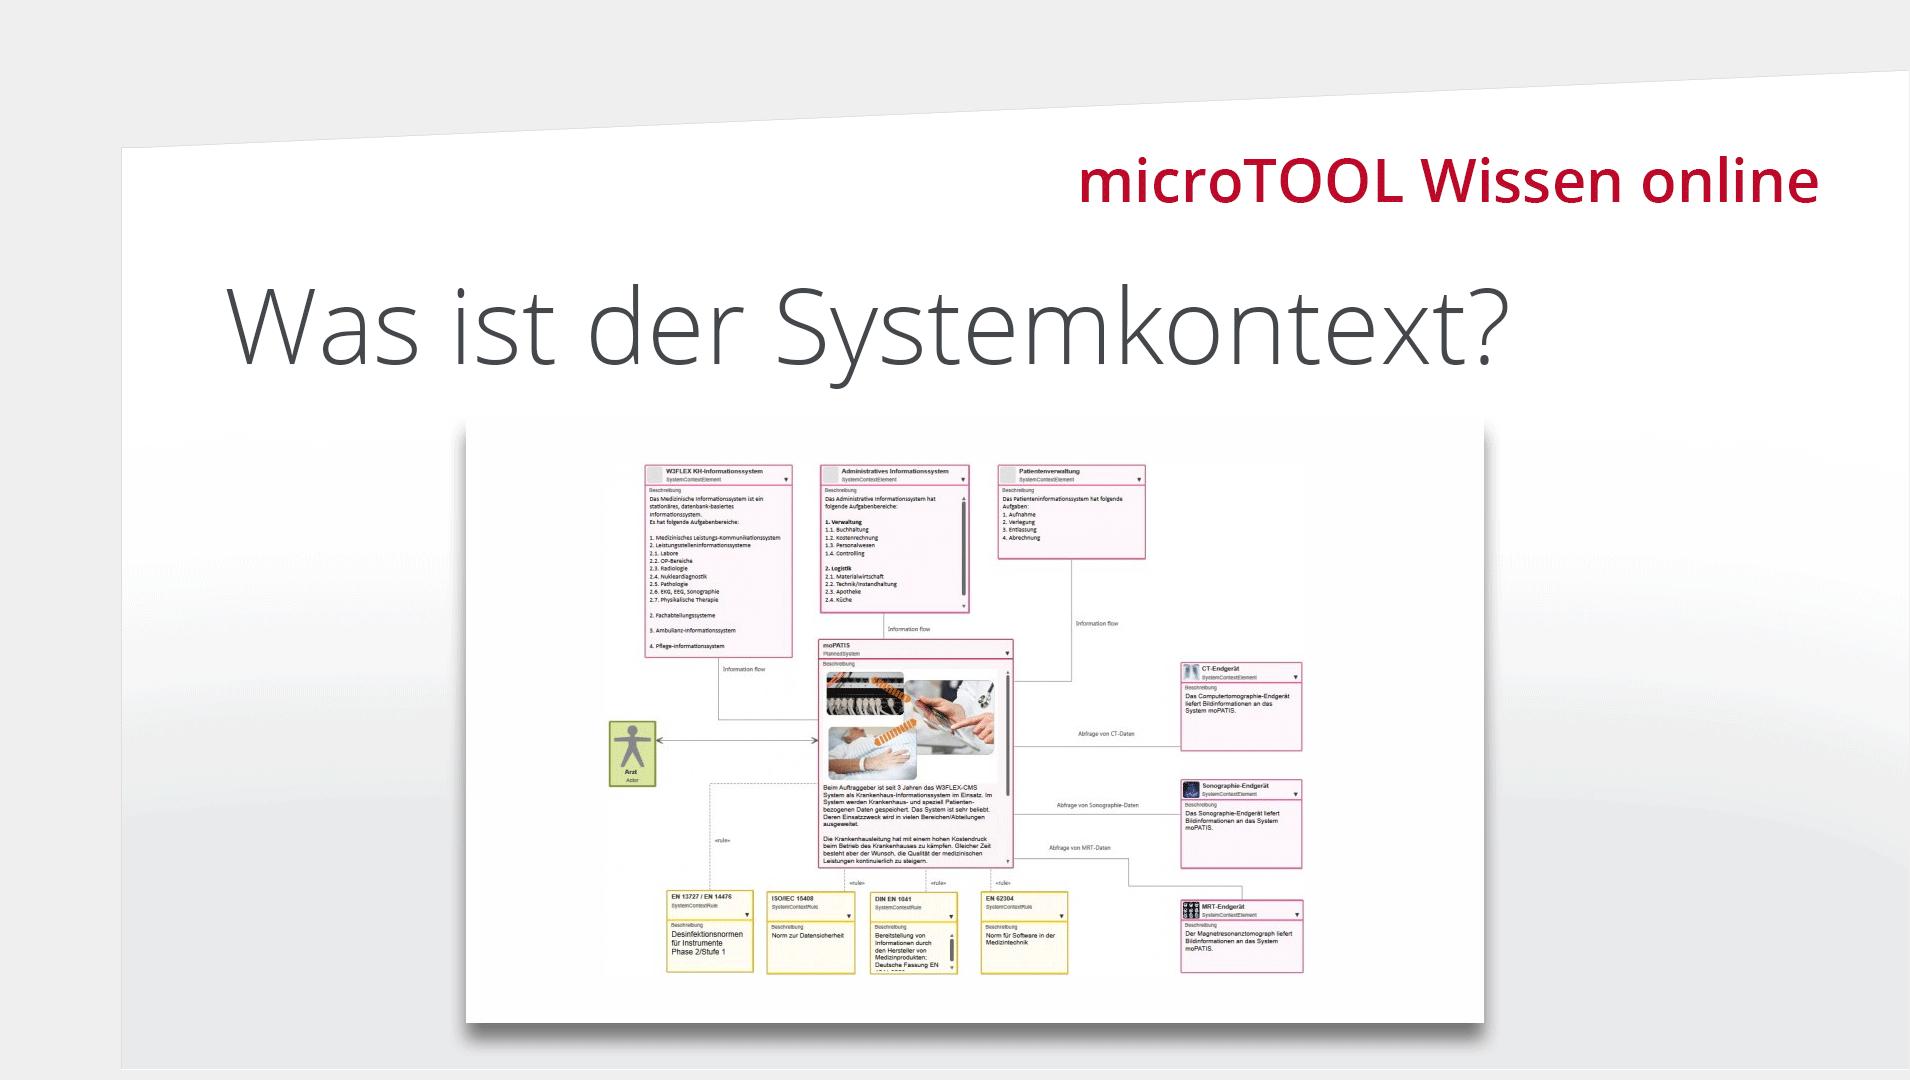 Was ist der Systemkontext?